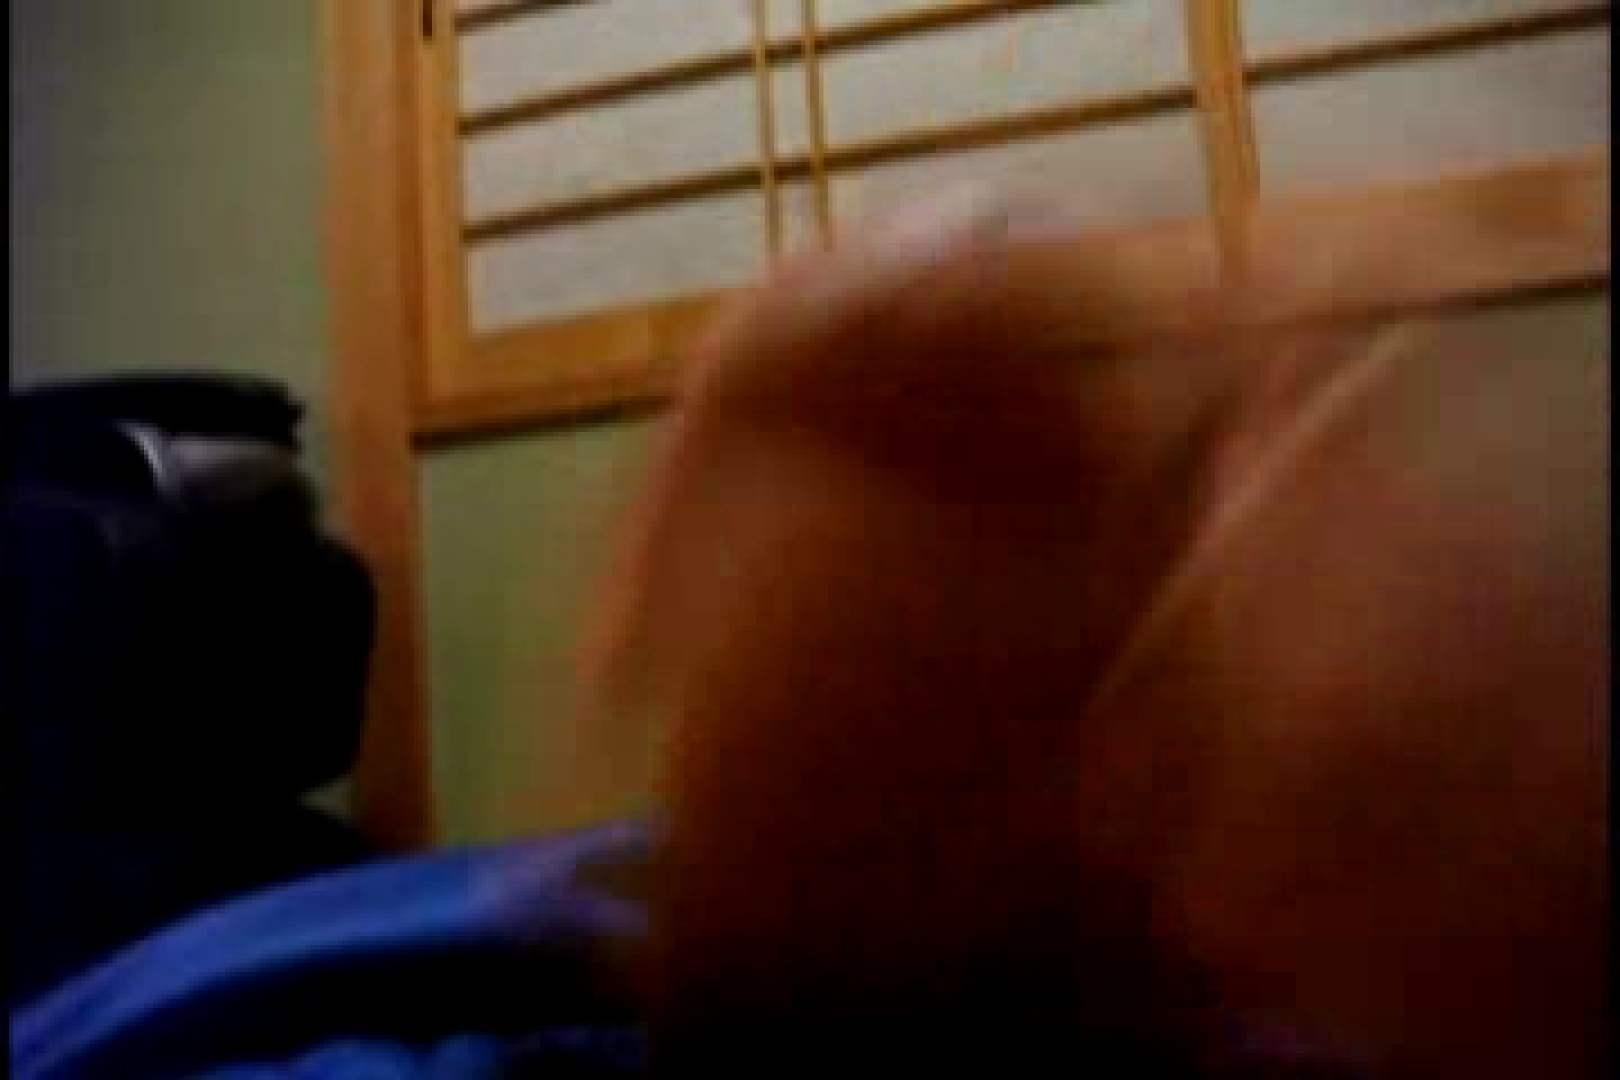 オナ好きノンケテニス部員の自画撮り投稿vol.02 射精特集 ゲイフリーエロ画像 77枚 50